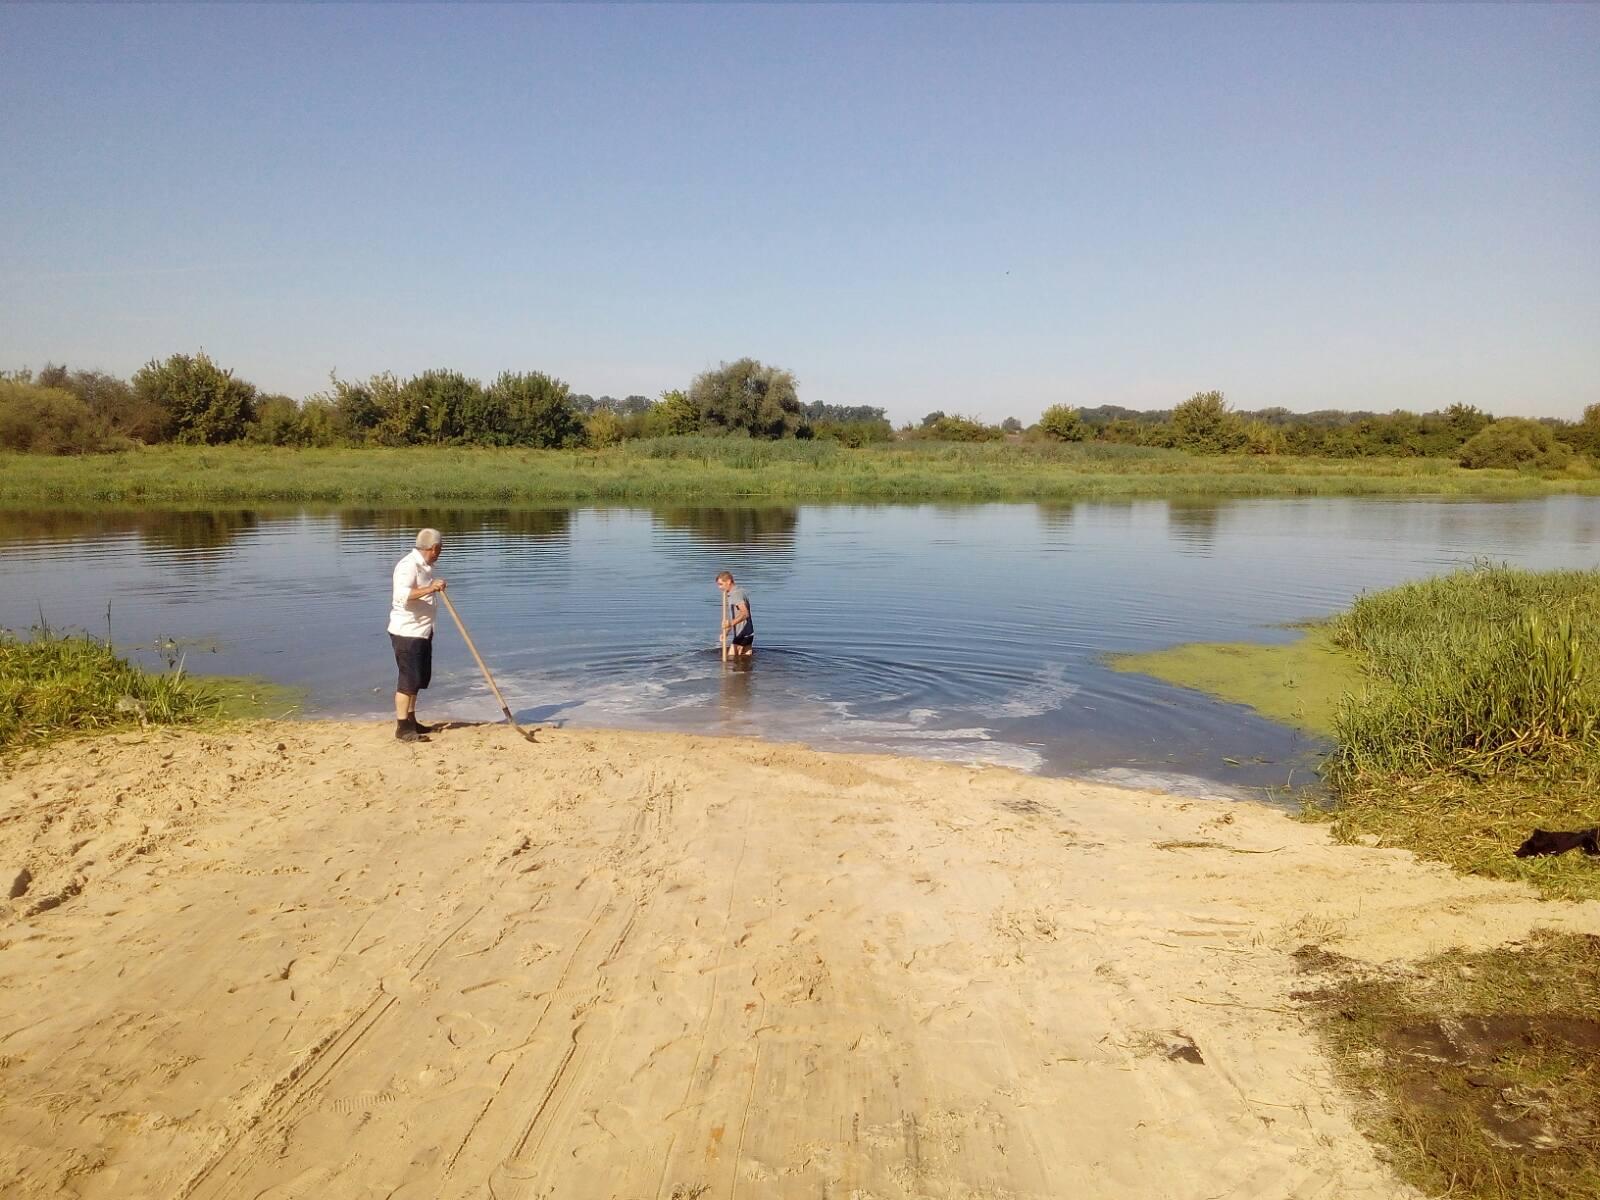 Сокальські комунальники прибрали міський пляж біля Західного Бугу, але чи можна купатися у річці?